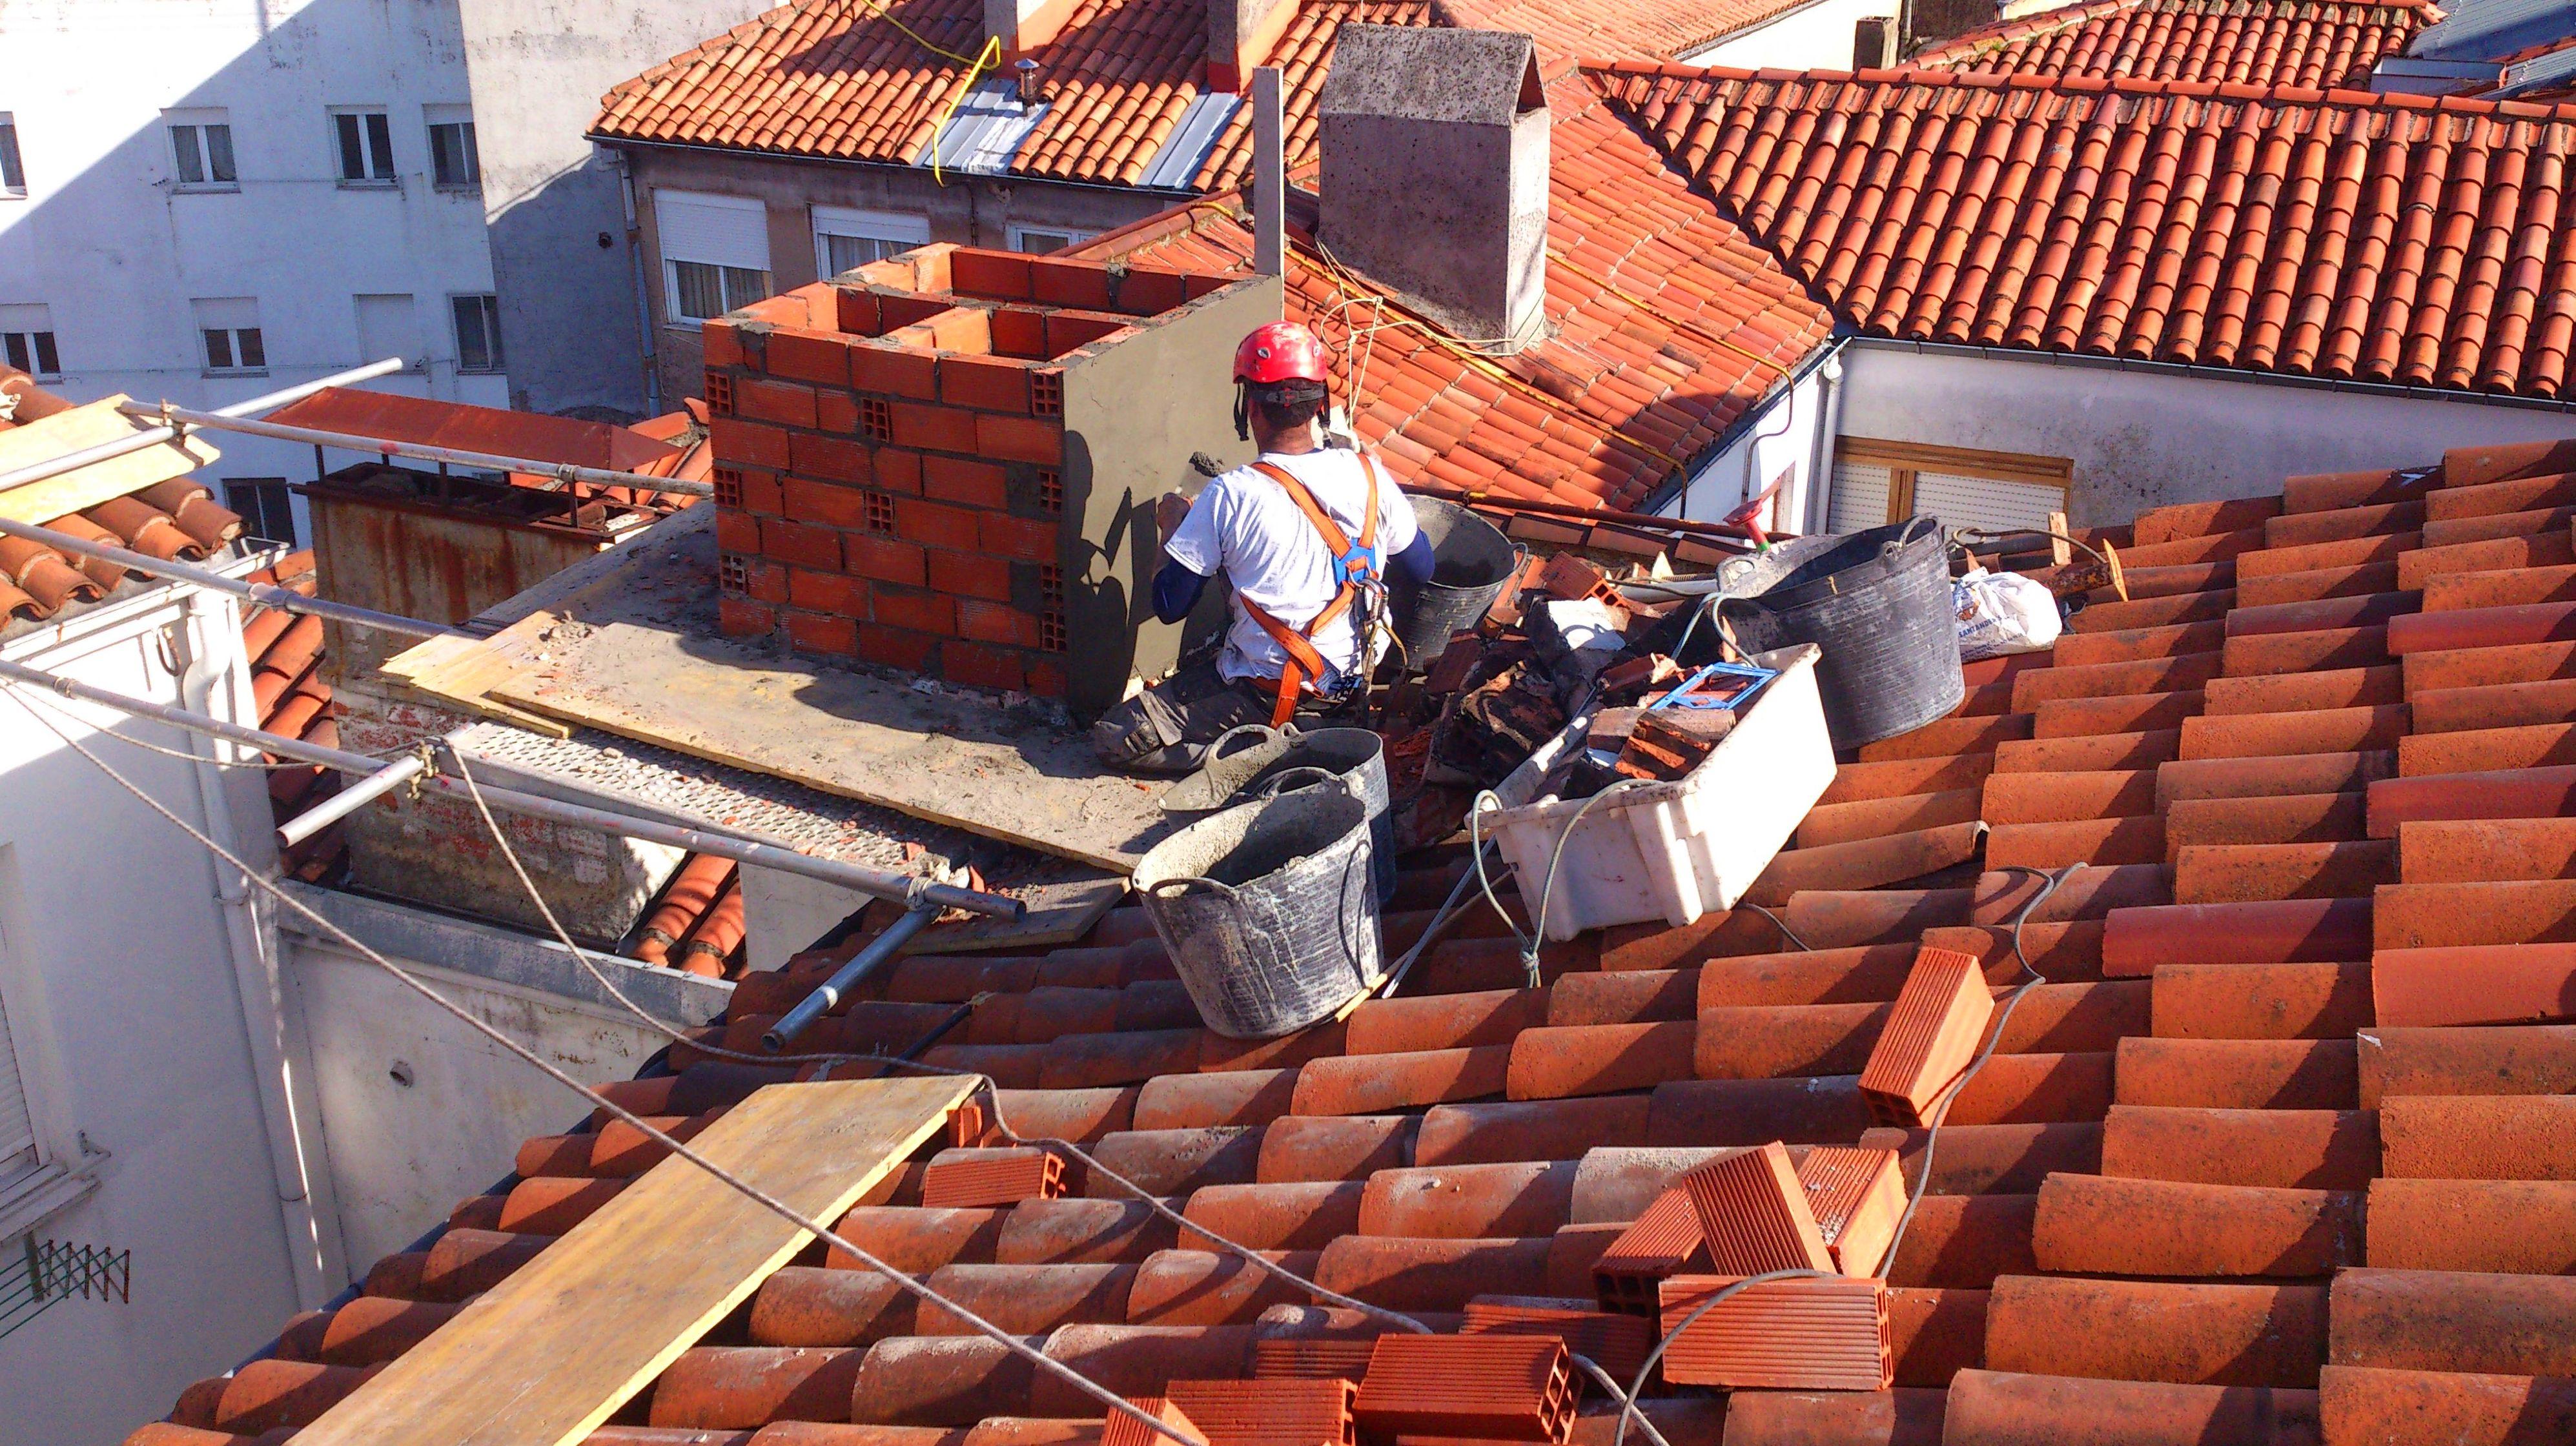 Reparaciones de chimeneas.derribos controlados en altura.Santander-Torrelavega